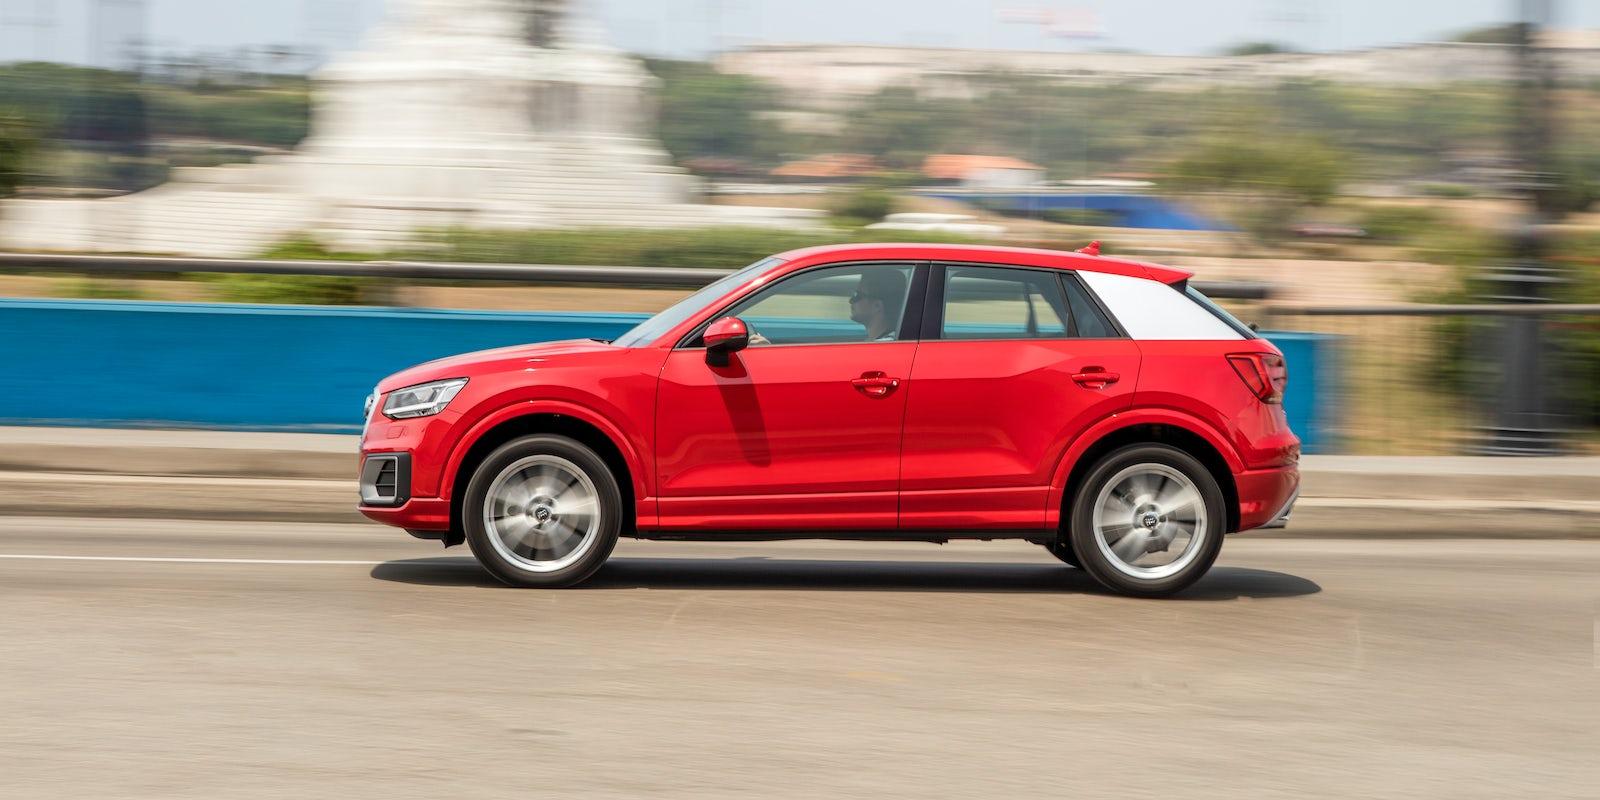 Audi Q Review Carwow - Audi car q2